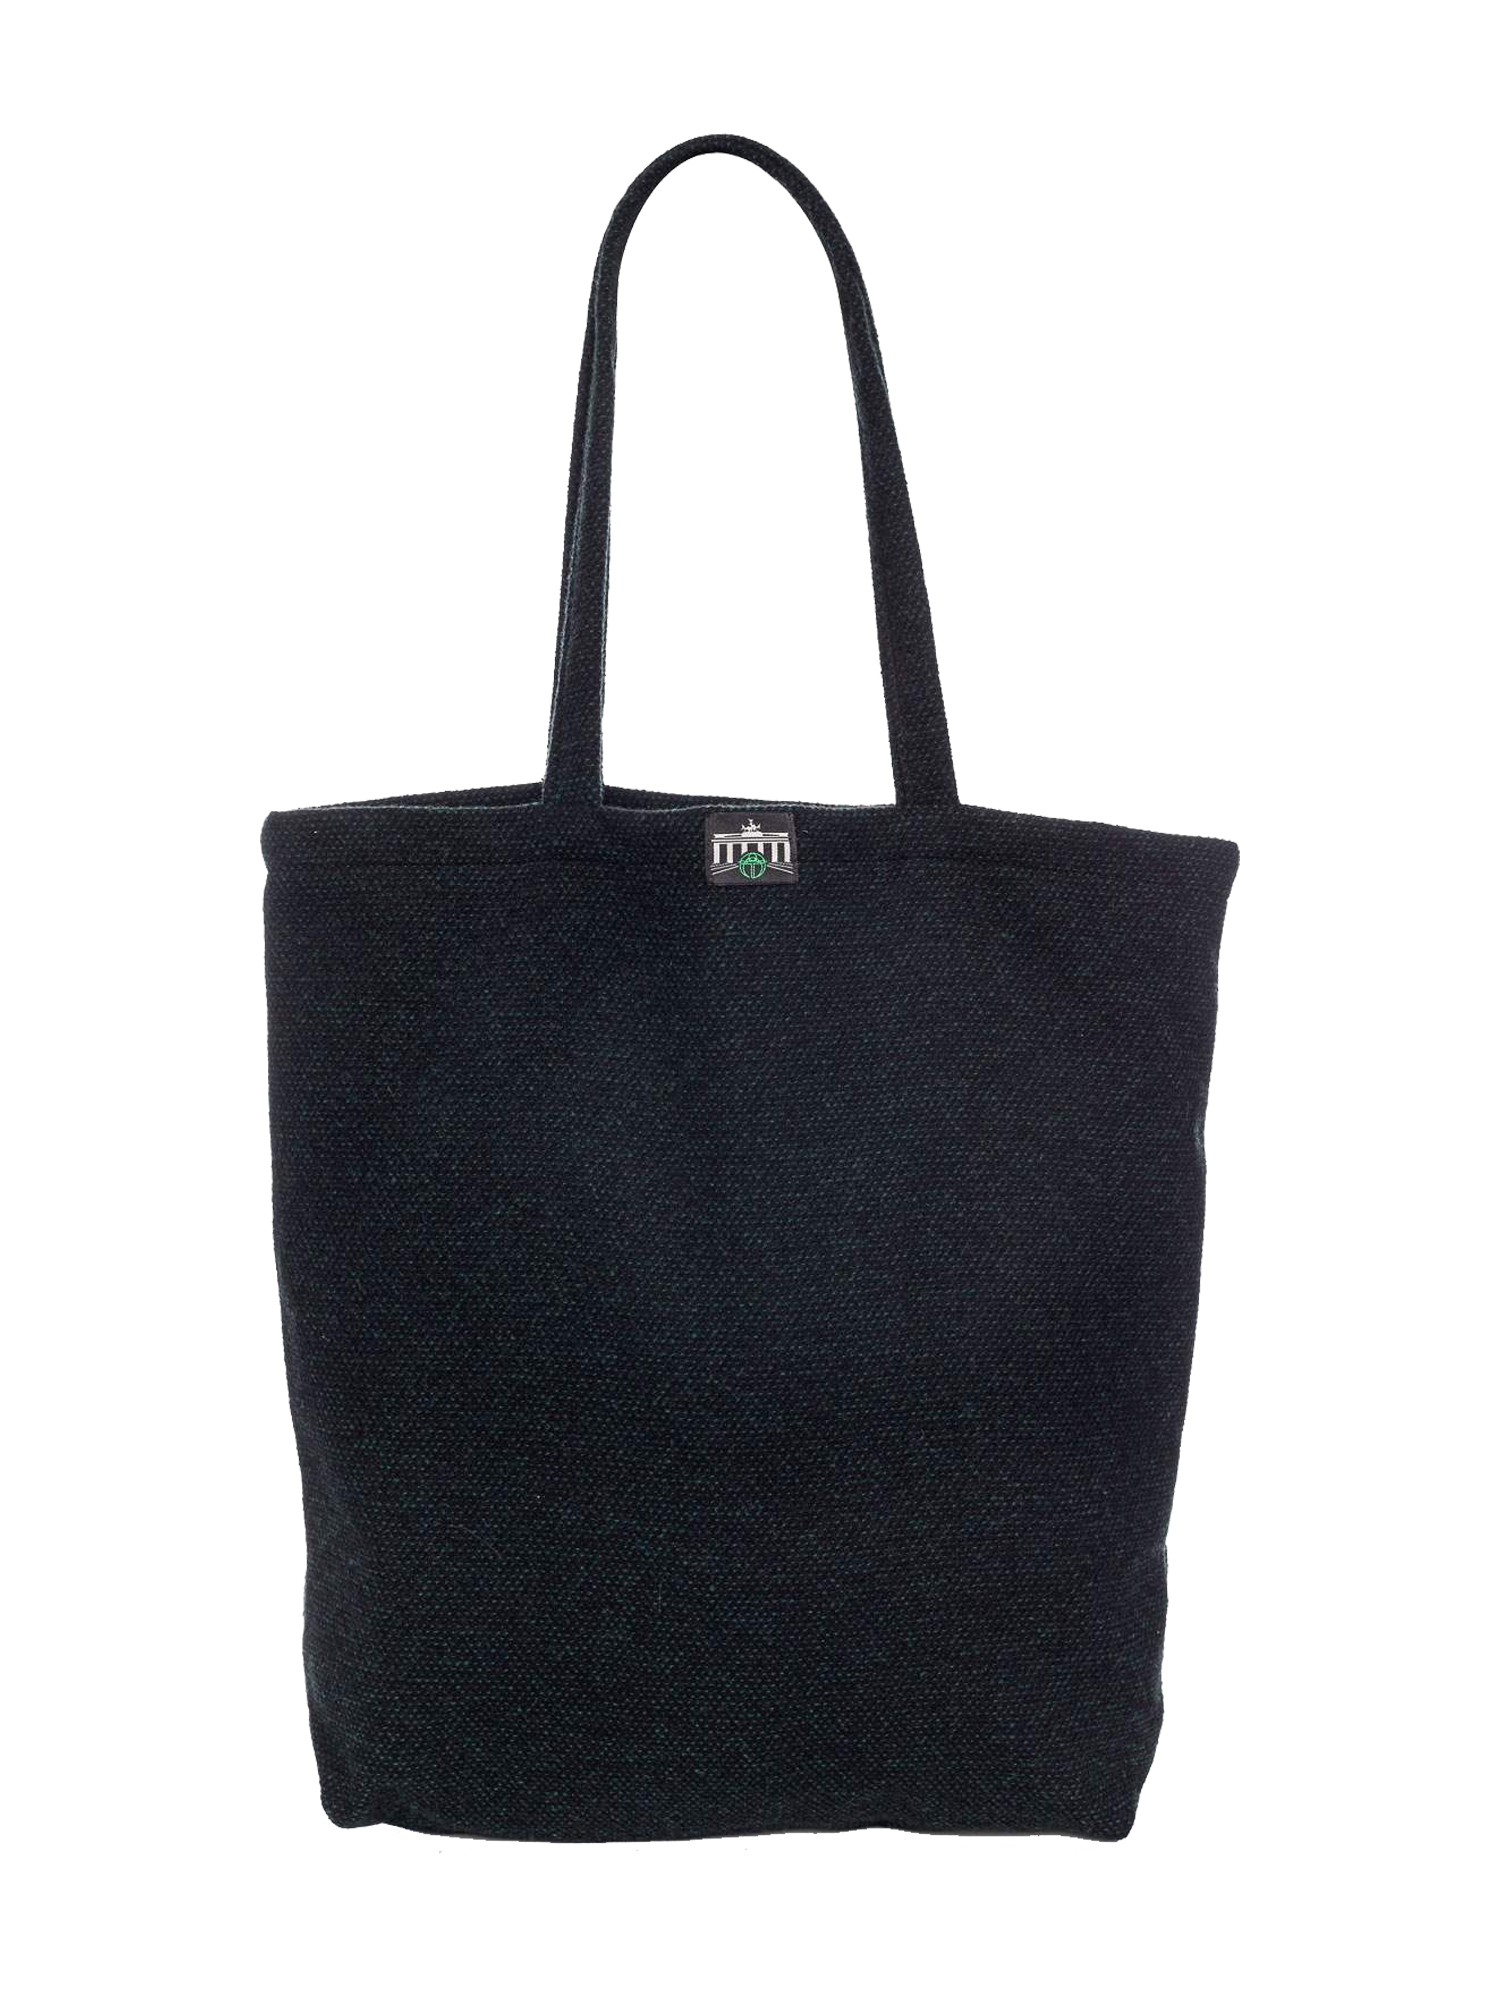 Schwarz-gruene Tasche